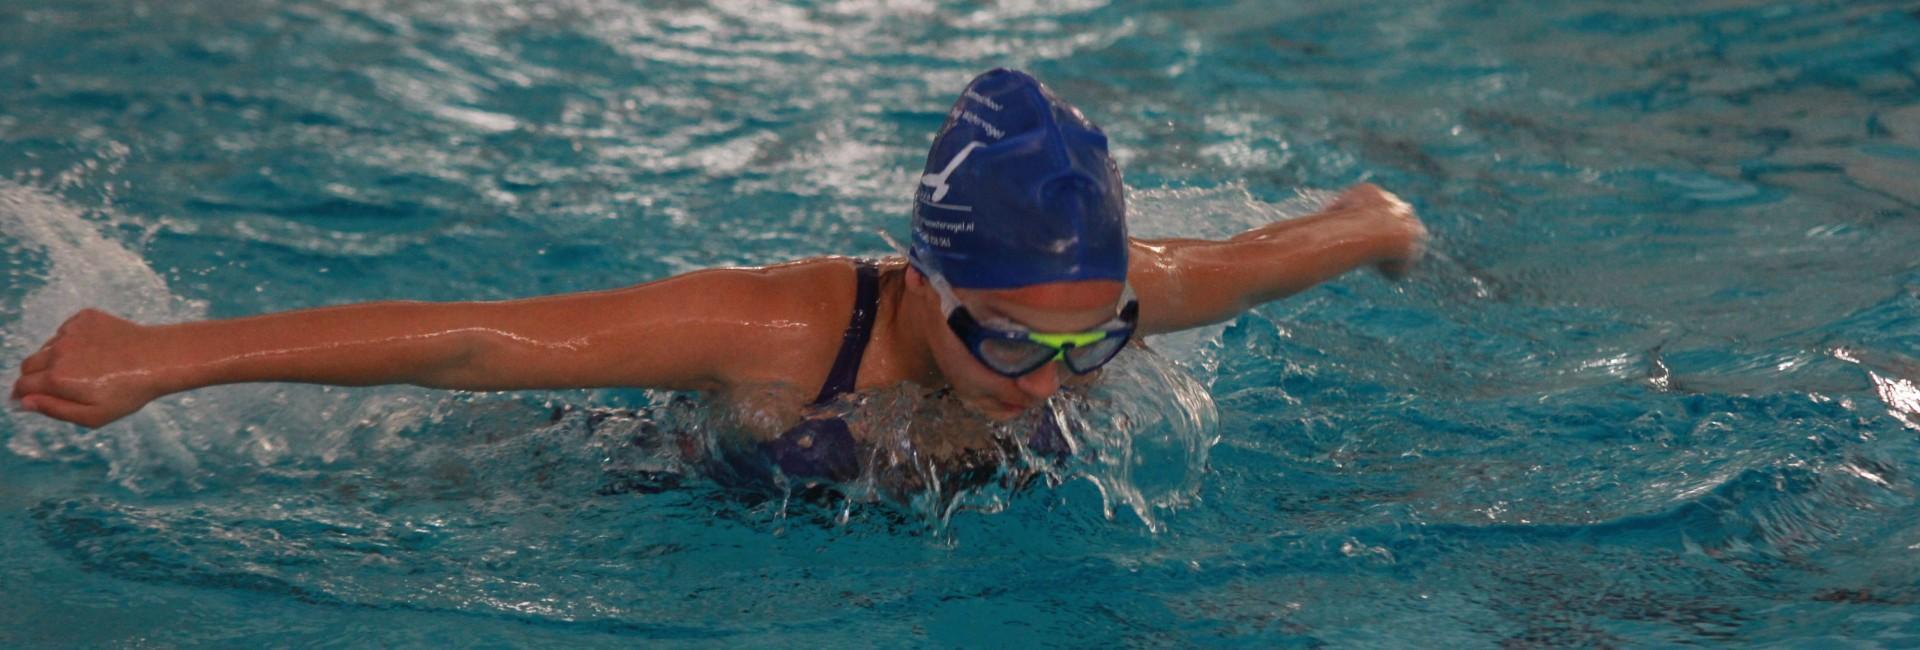 superzwemmer